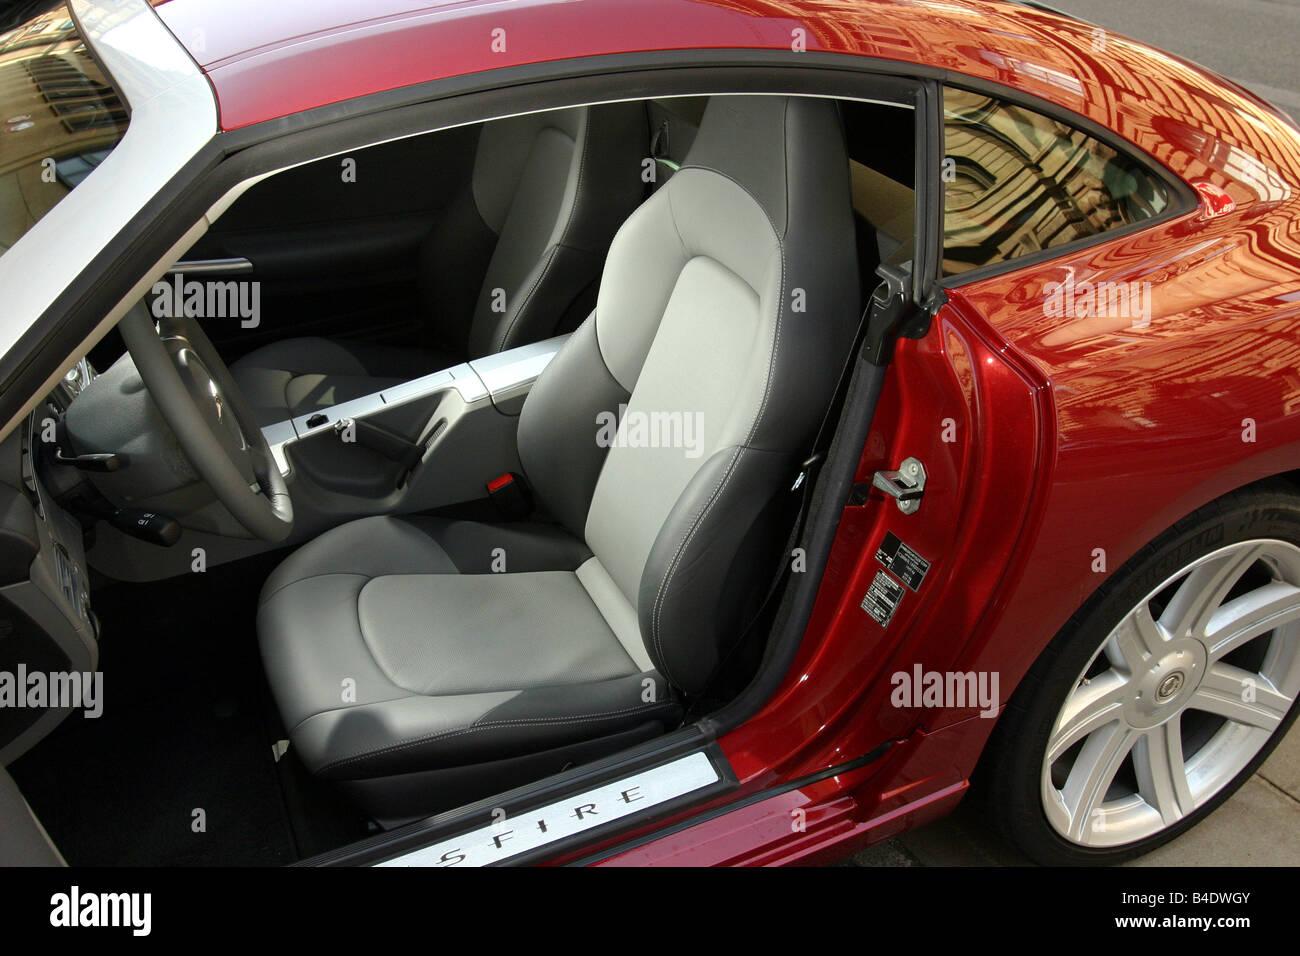 voiture chrysler crossfire roadster rouge anne modle 2003 coupcabriolet vue de lintrieur siges sige avant sige du conducteur techniq